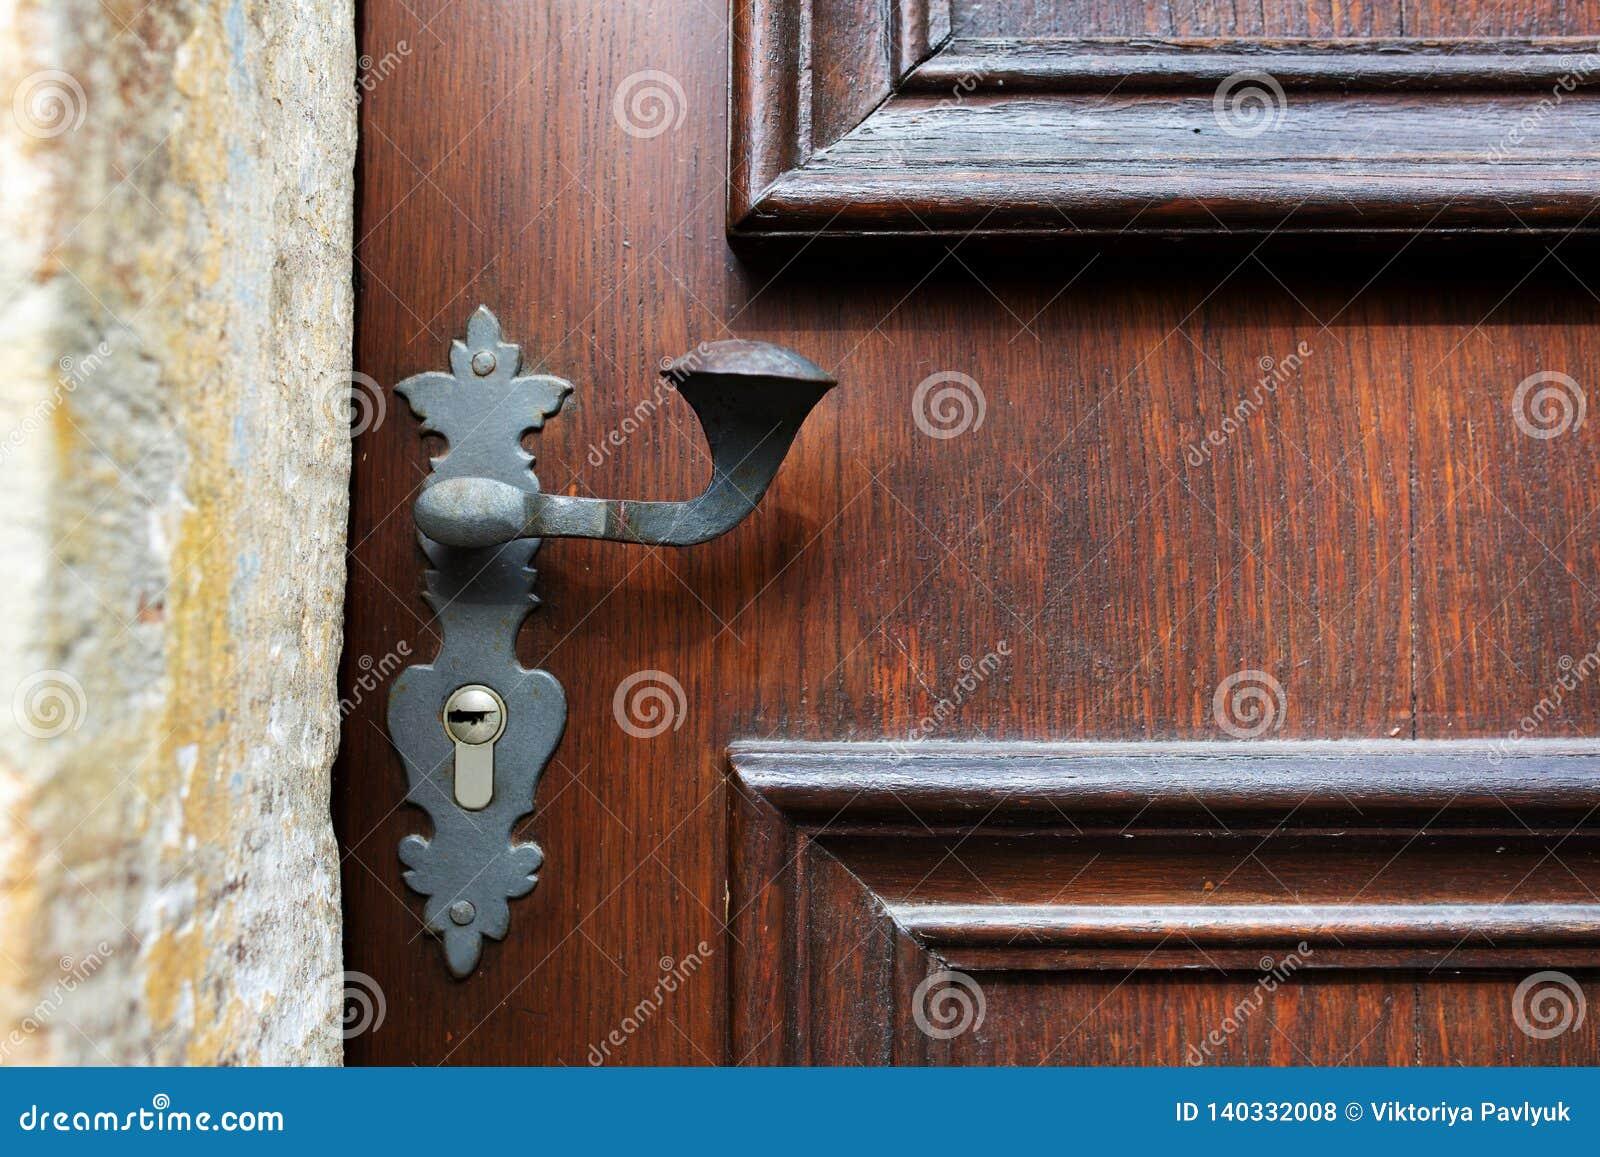 Tirador de puerta del vintage y ojo de la cerradura de una puerta tallada de madera Copie el espacio